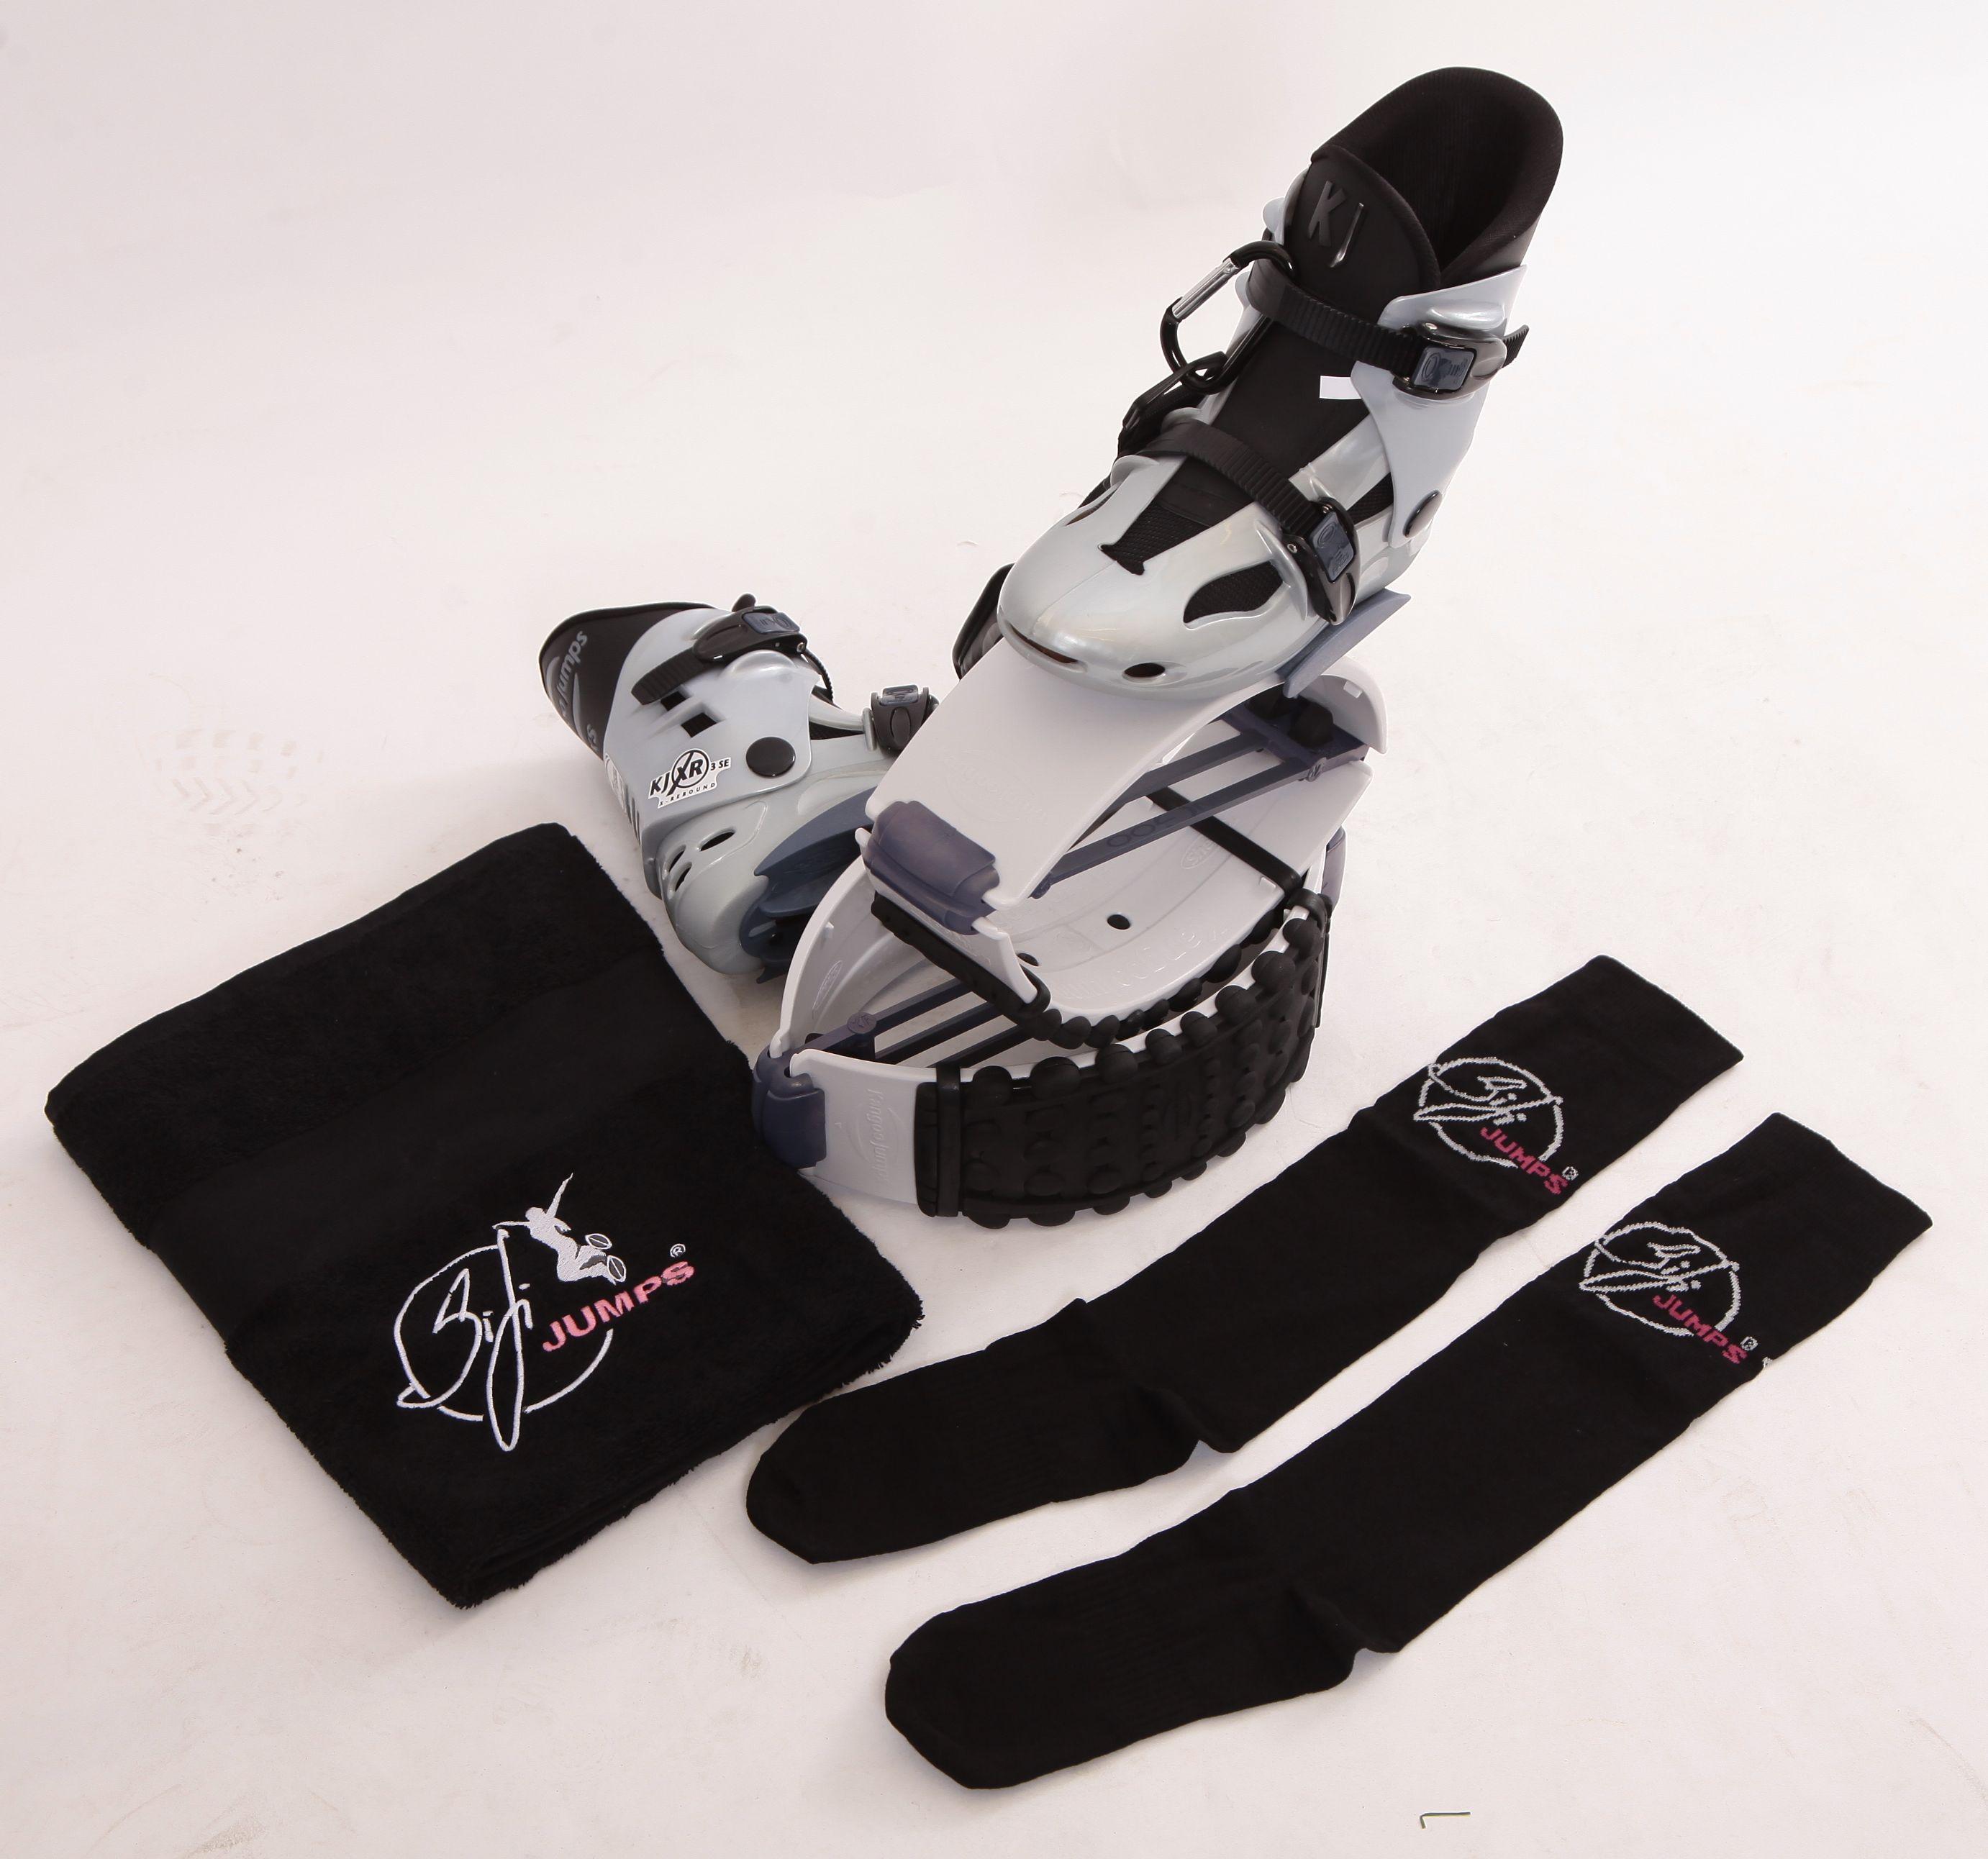 Kangoo Jumps cipők, kiegészítők, SifiJUMPS termékek